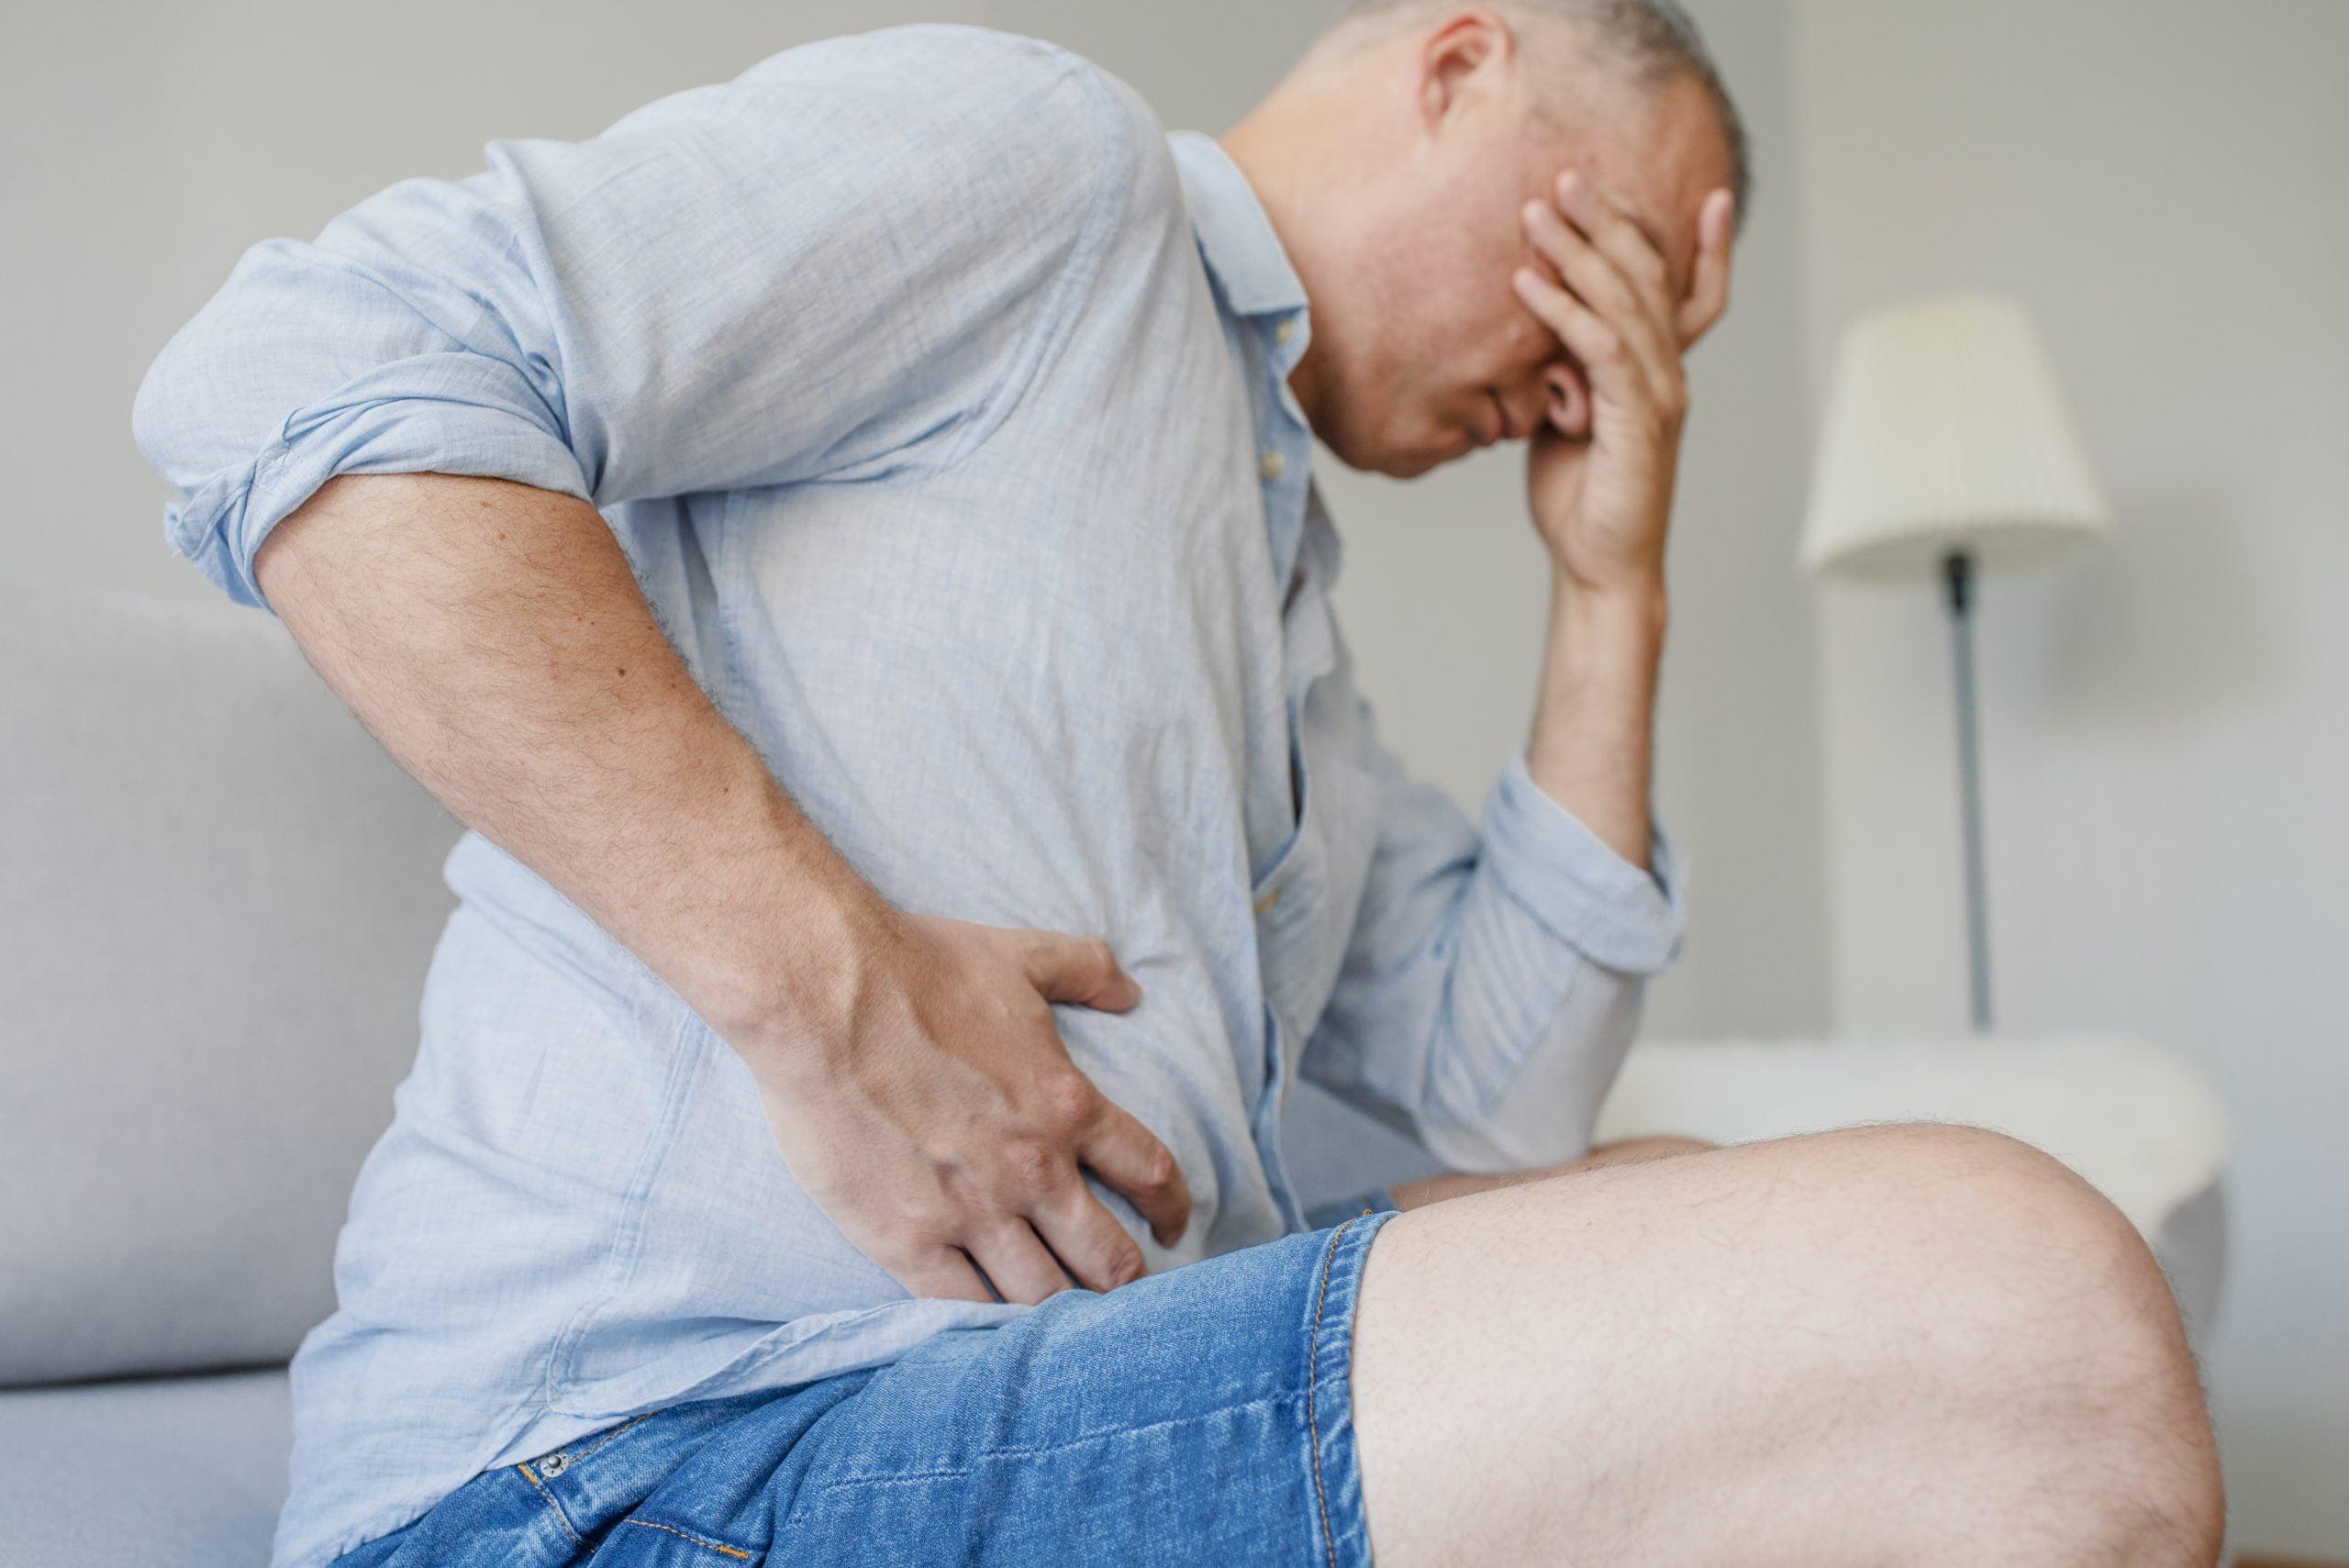 حصى المرارة - أسباب وأعراض وجود حصى المرارة